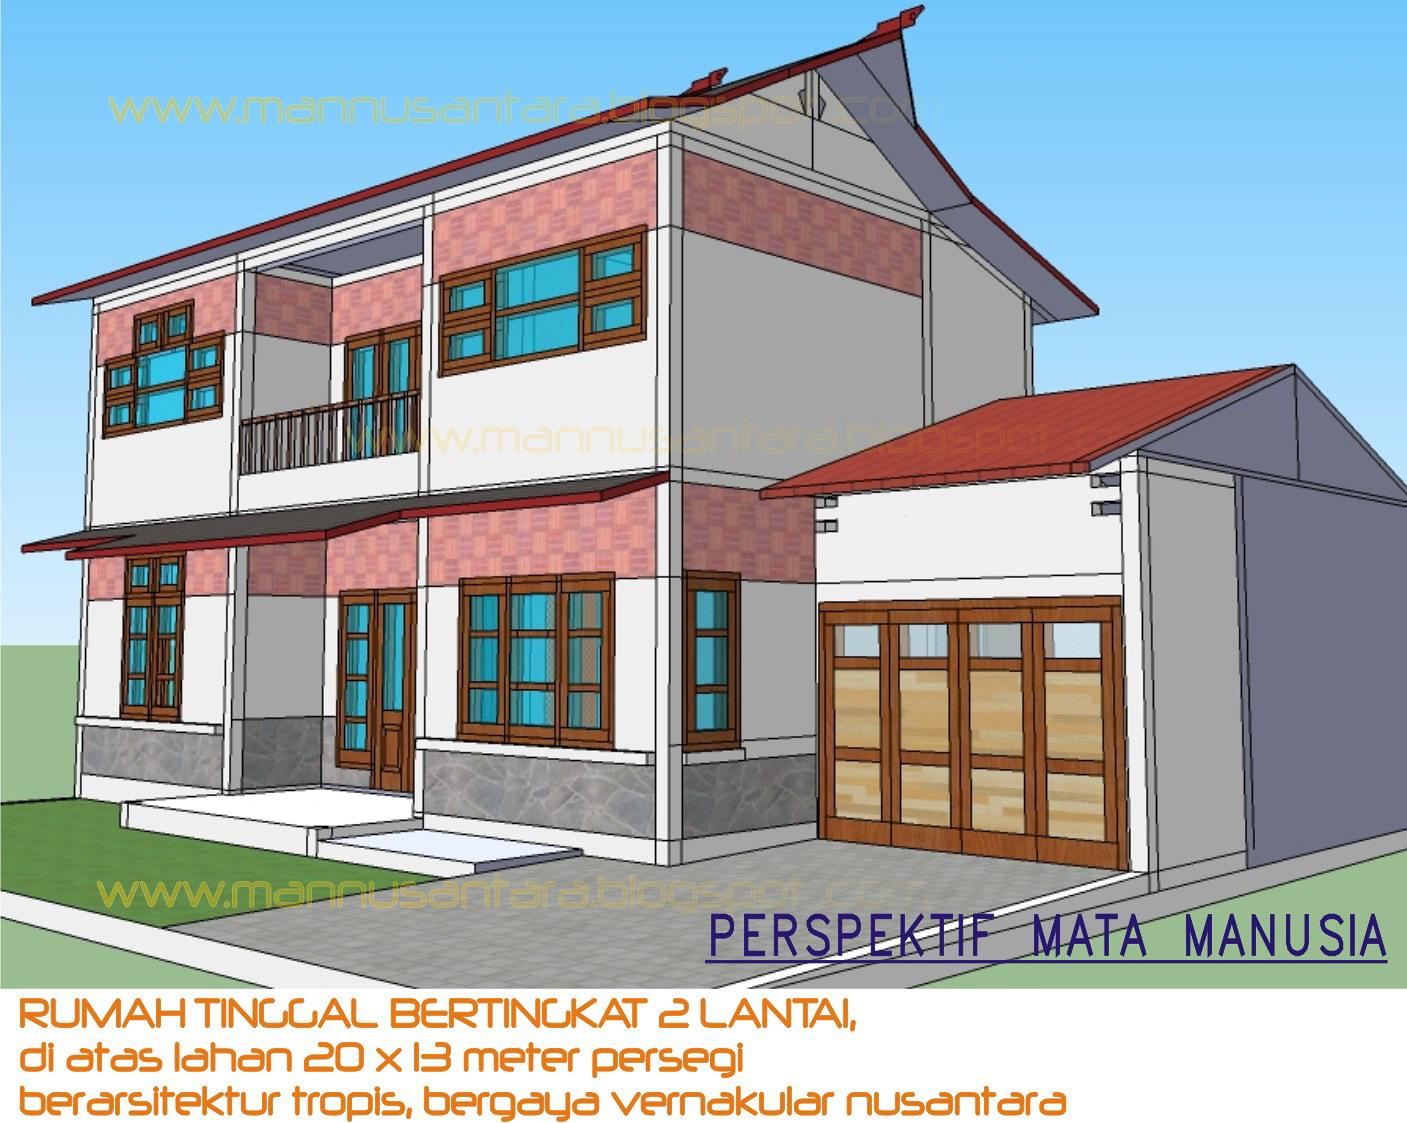 ManNusantara Design Indonesia: Rancangan Rumah Tinggal Bertingkat Dua ...